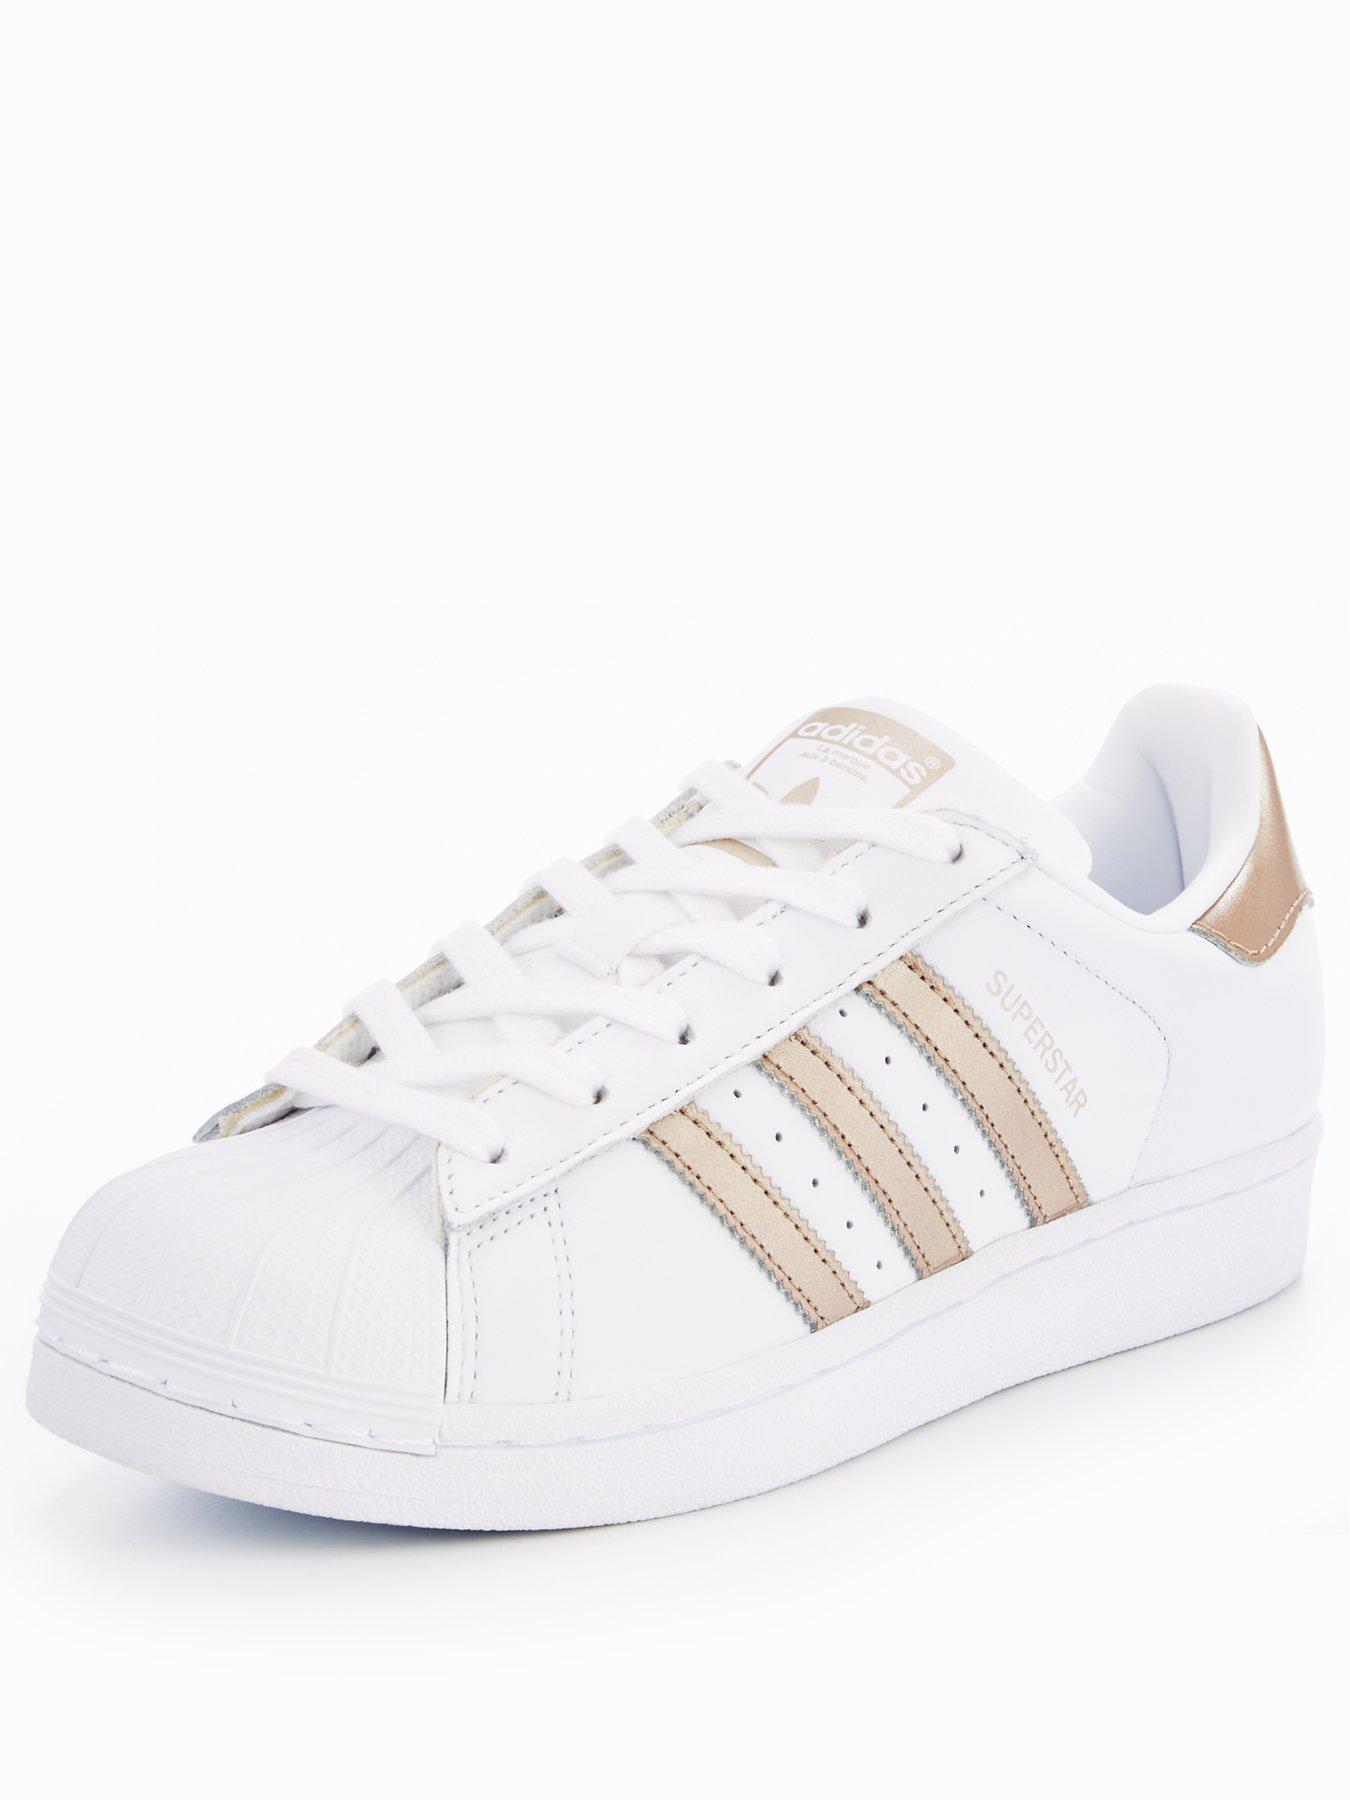 adidas Originals Superstar - White/Gold